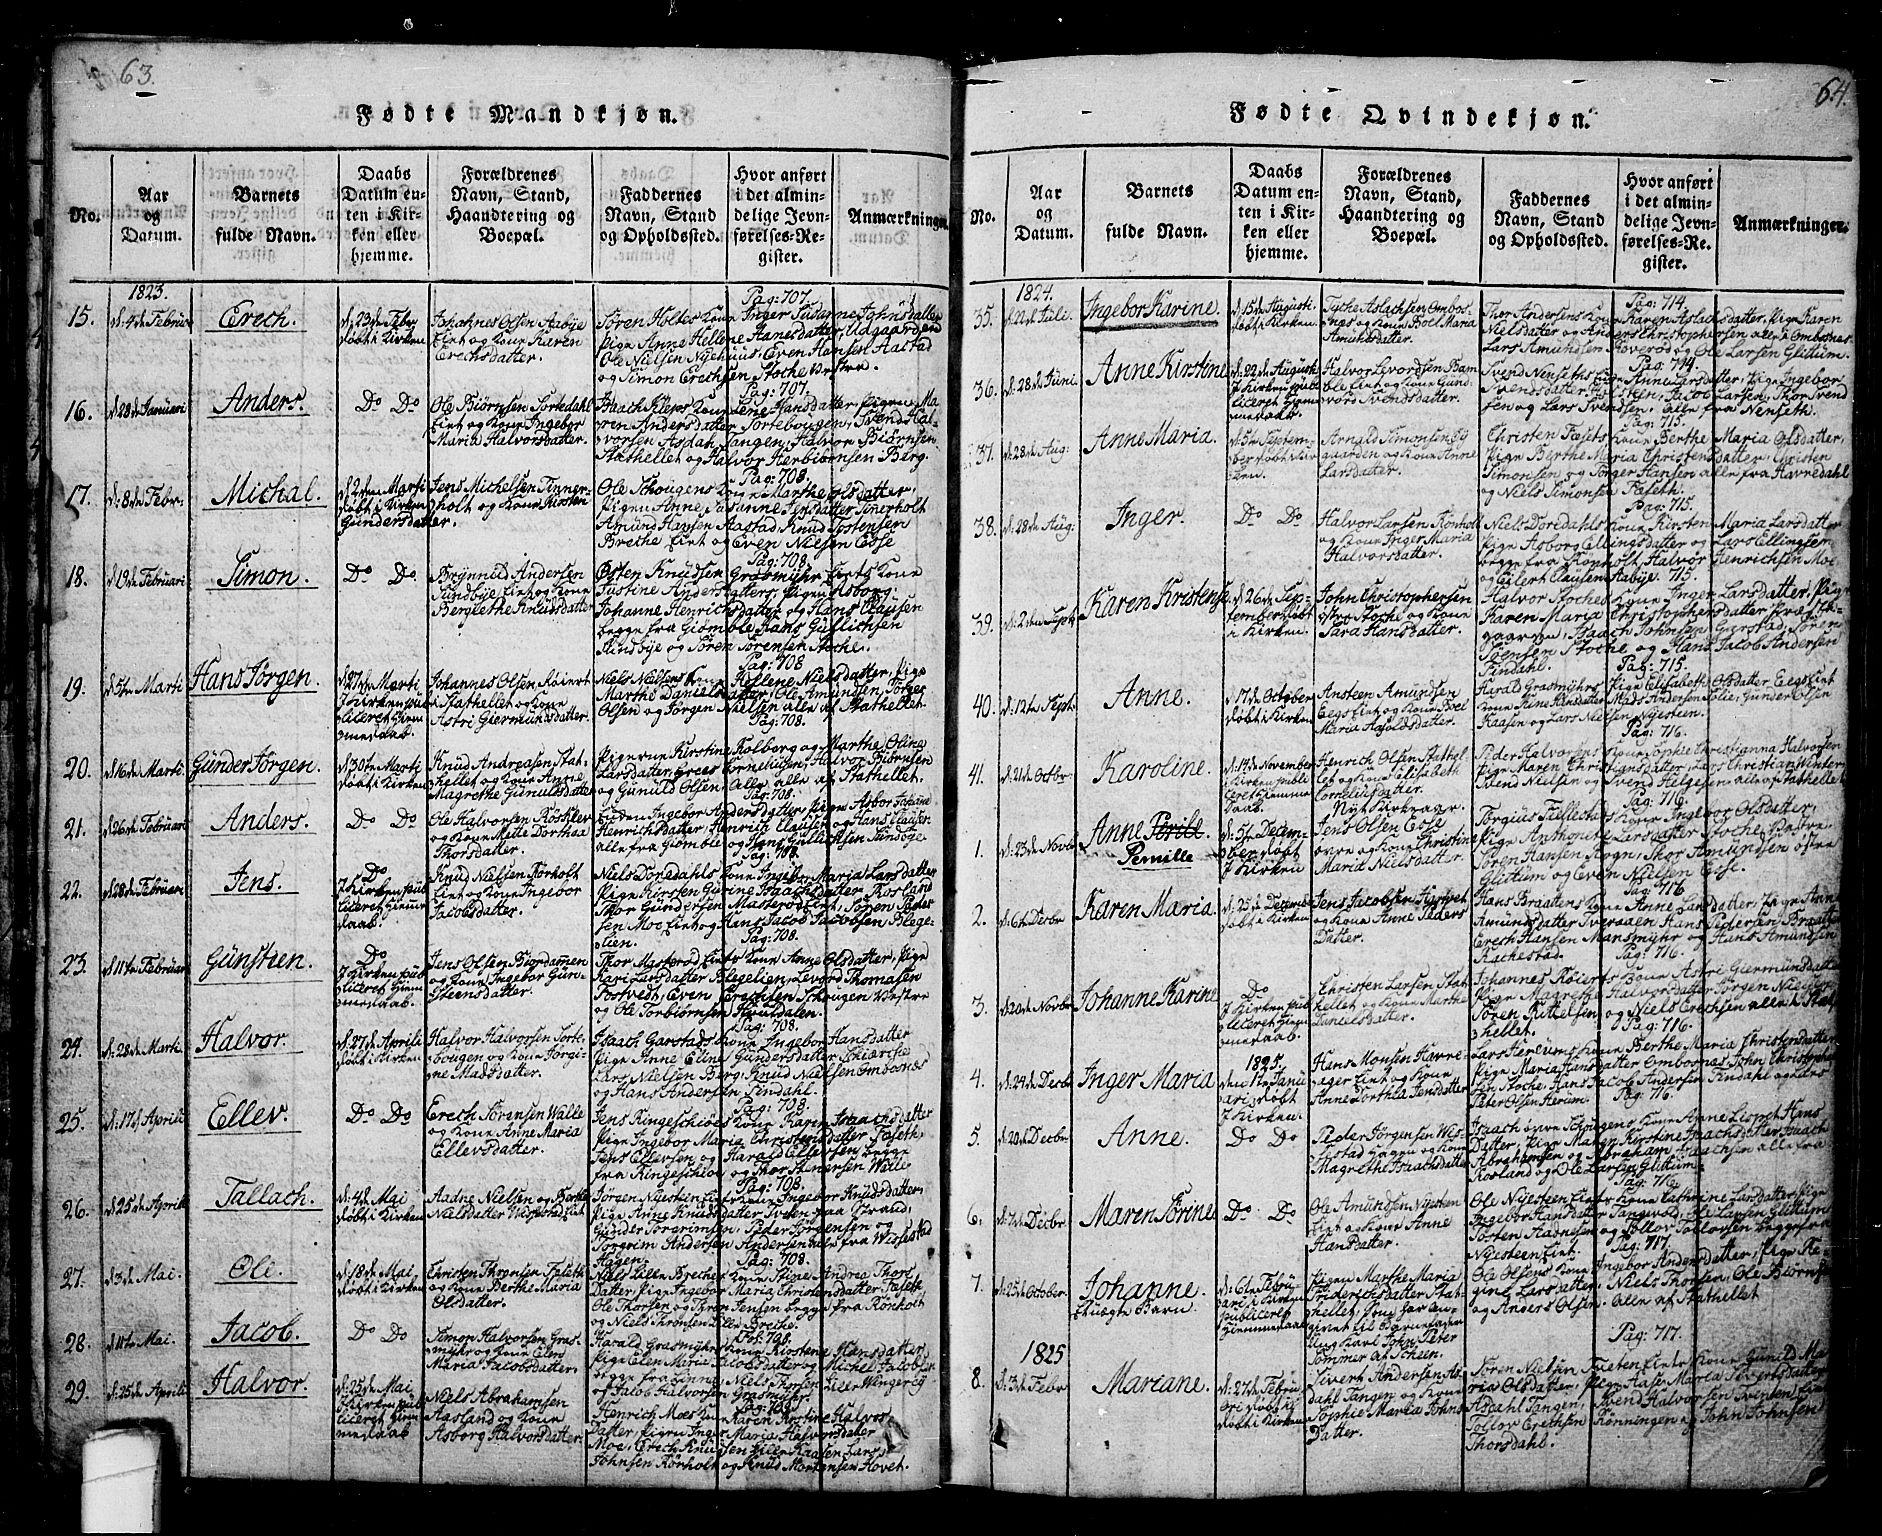 SAKO, Bamble kirkebøker, G/Ga/L0005: Klokkerbok nr. I 5, 1814-1855, s. 63-64